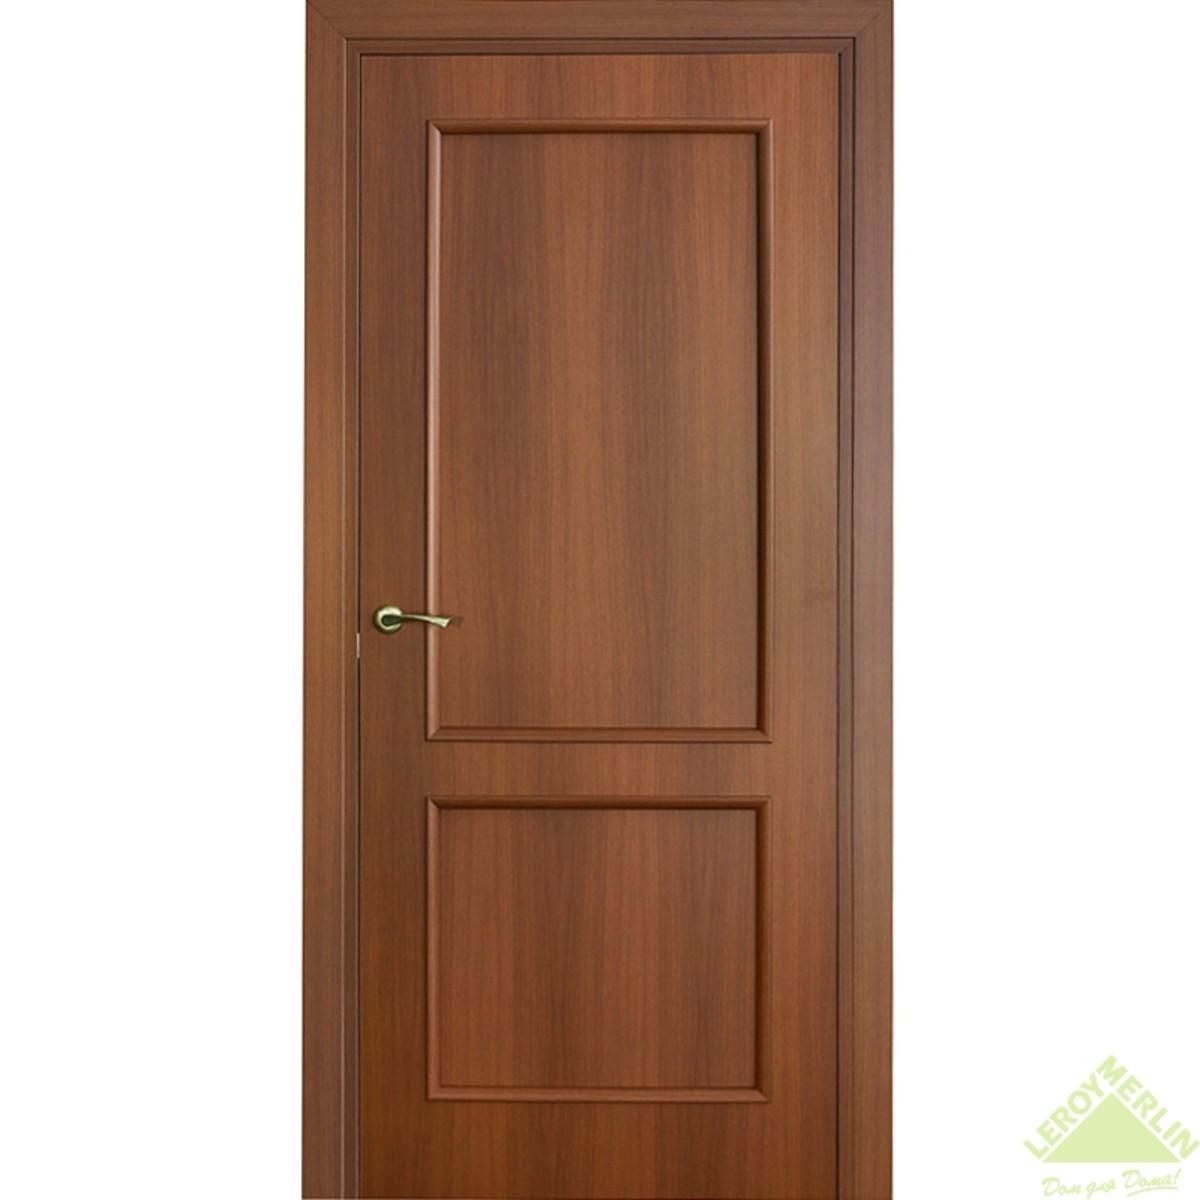 Дверь Межкомнатная Глухая Фортунато Классика 70x200 Ламинация Цвет Орех